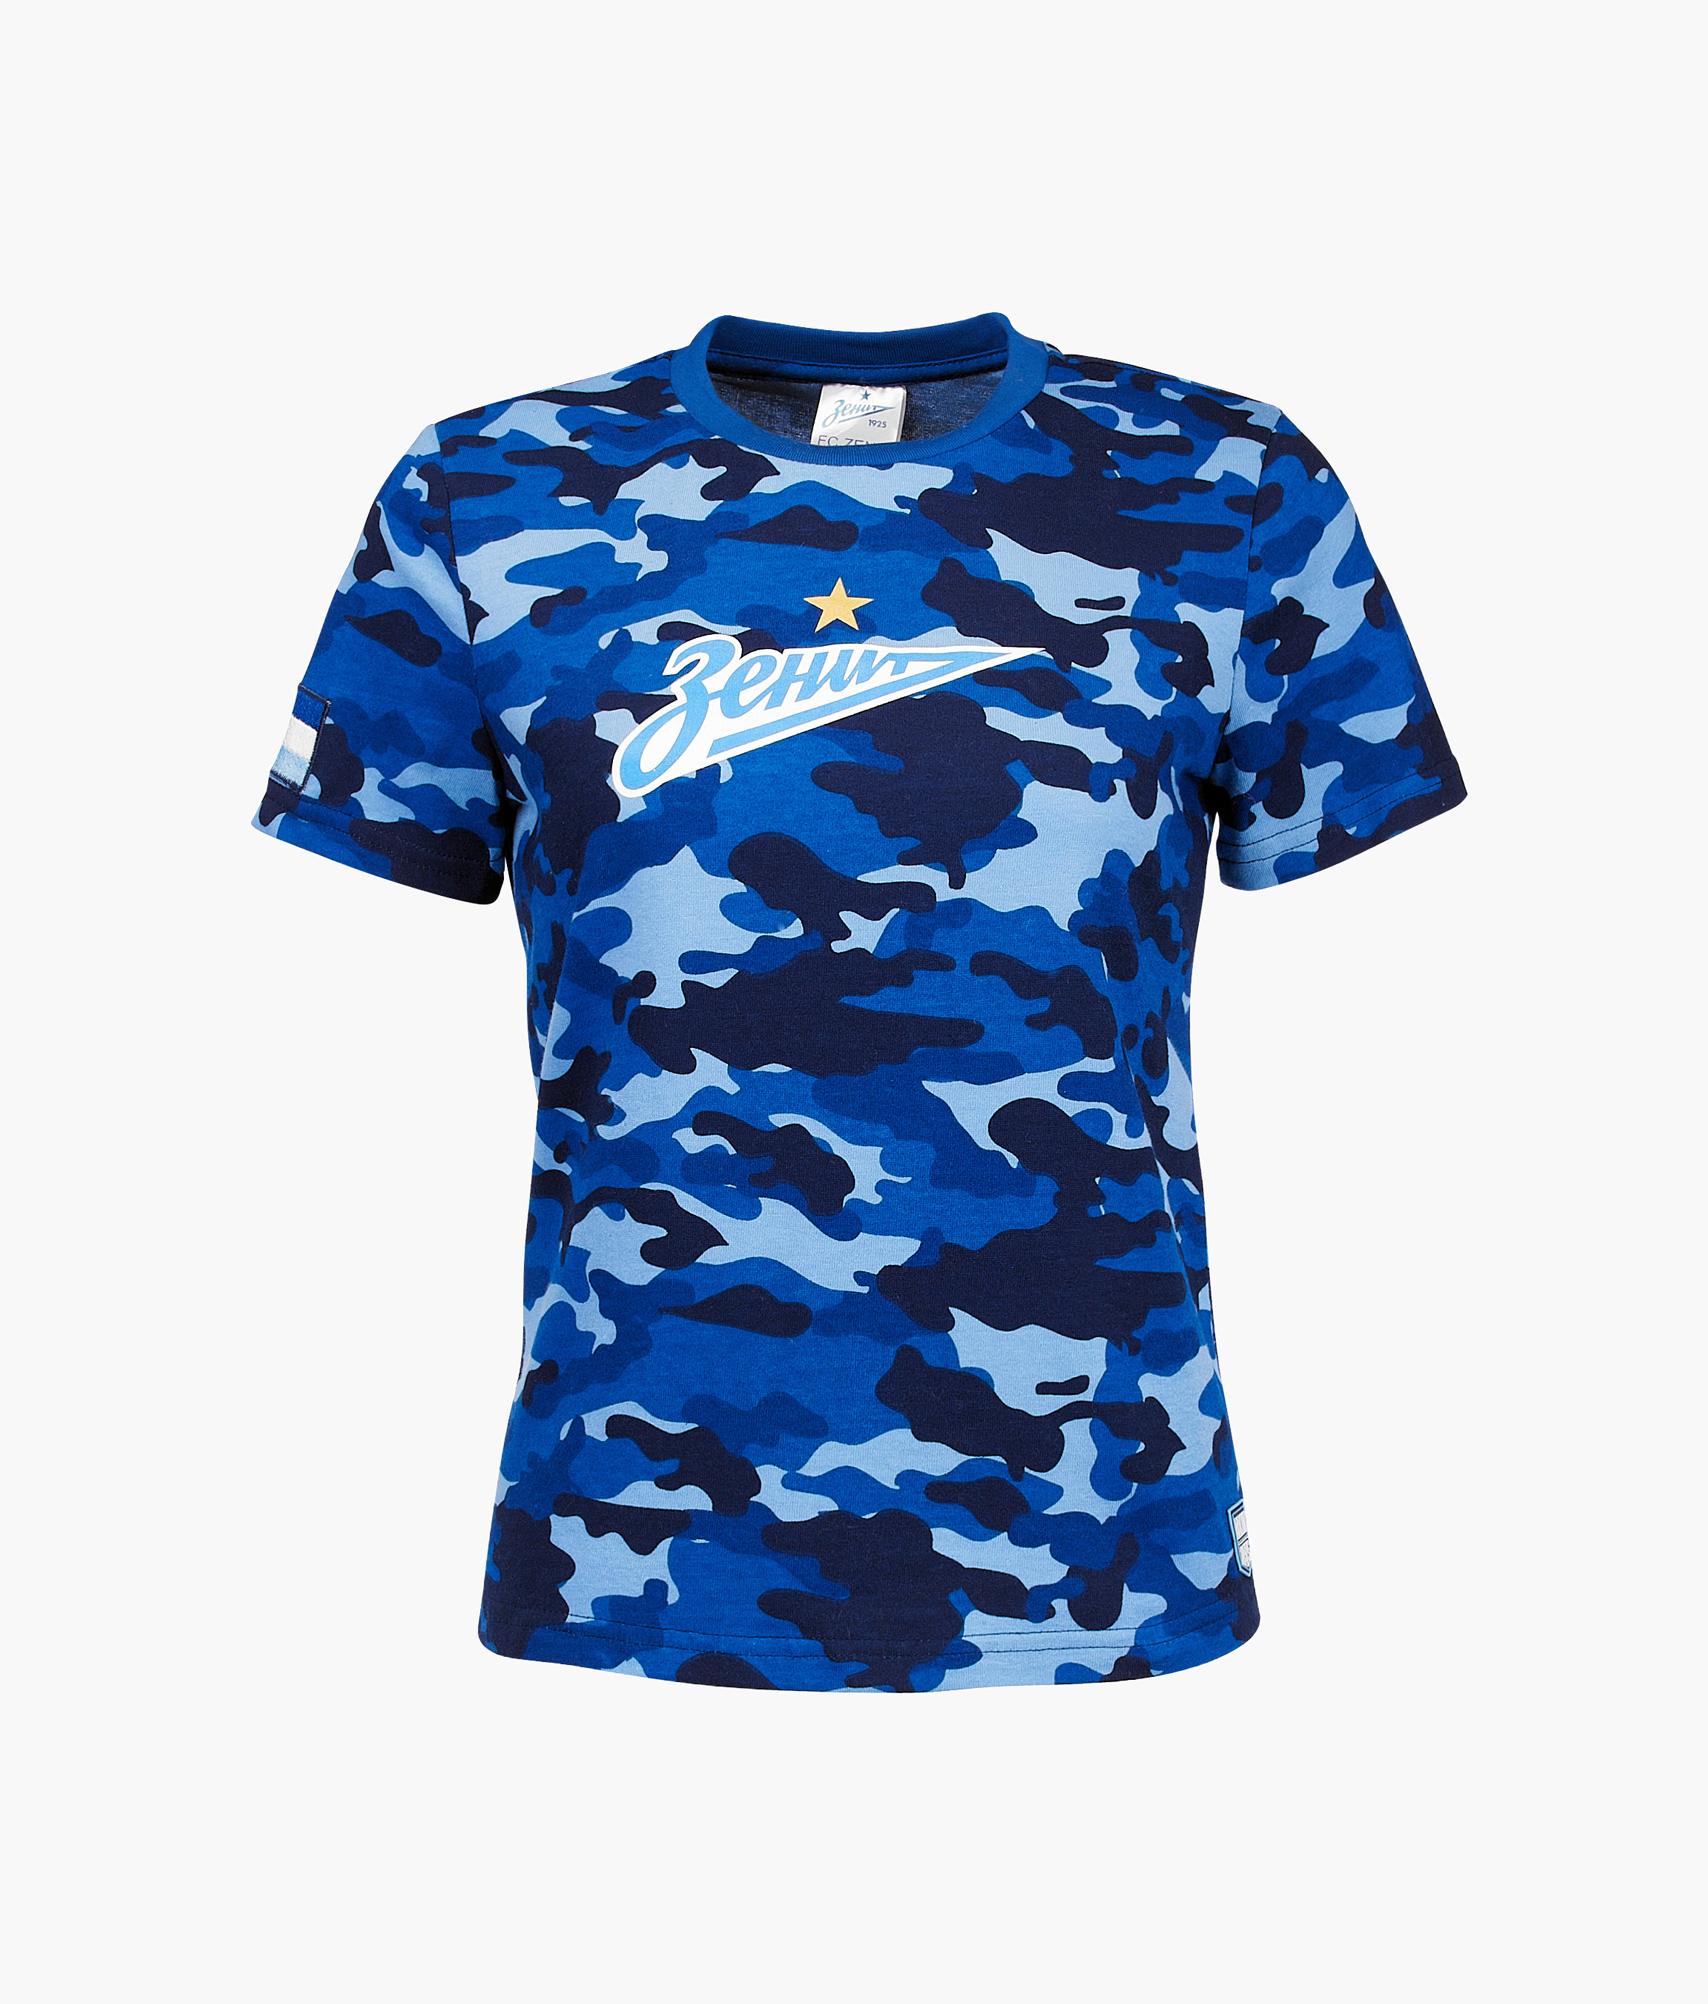 Футболка женская «Камуфляж» Зенит Цвет-Синий футболка football club zenit зенит цвет синий